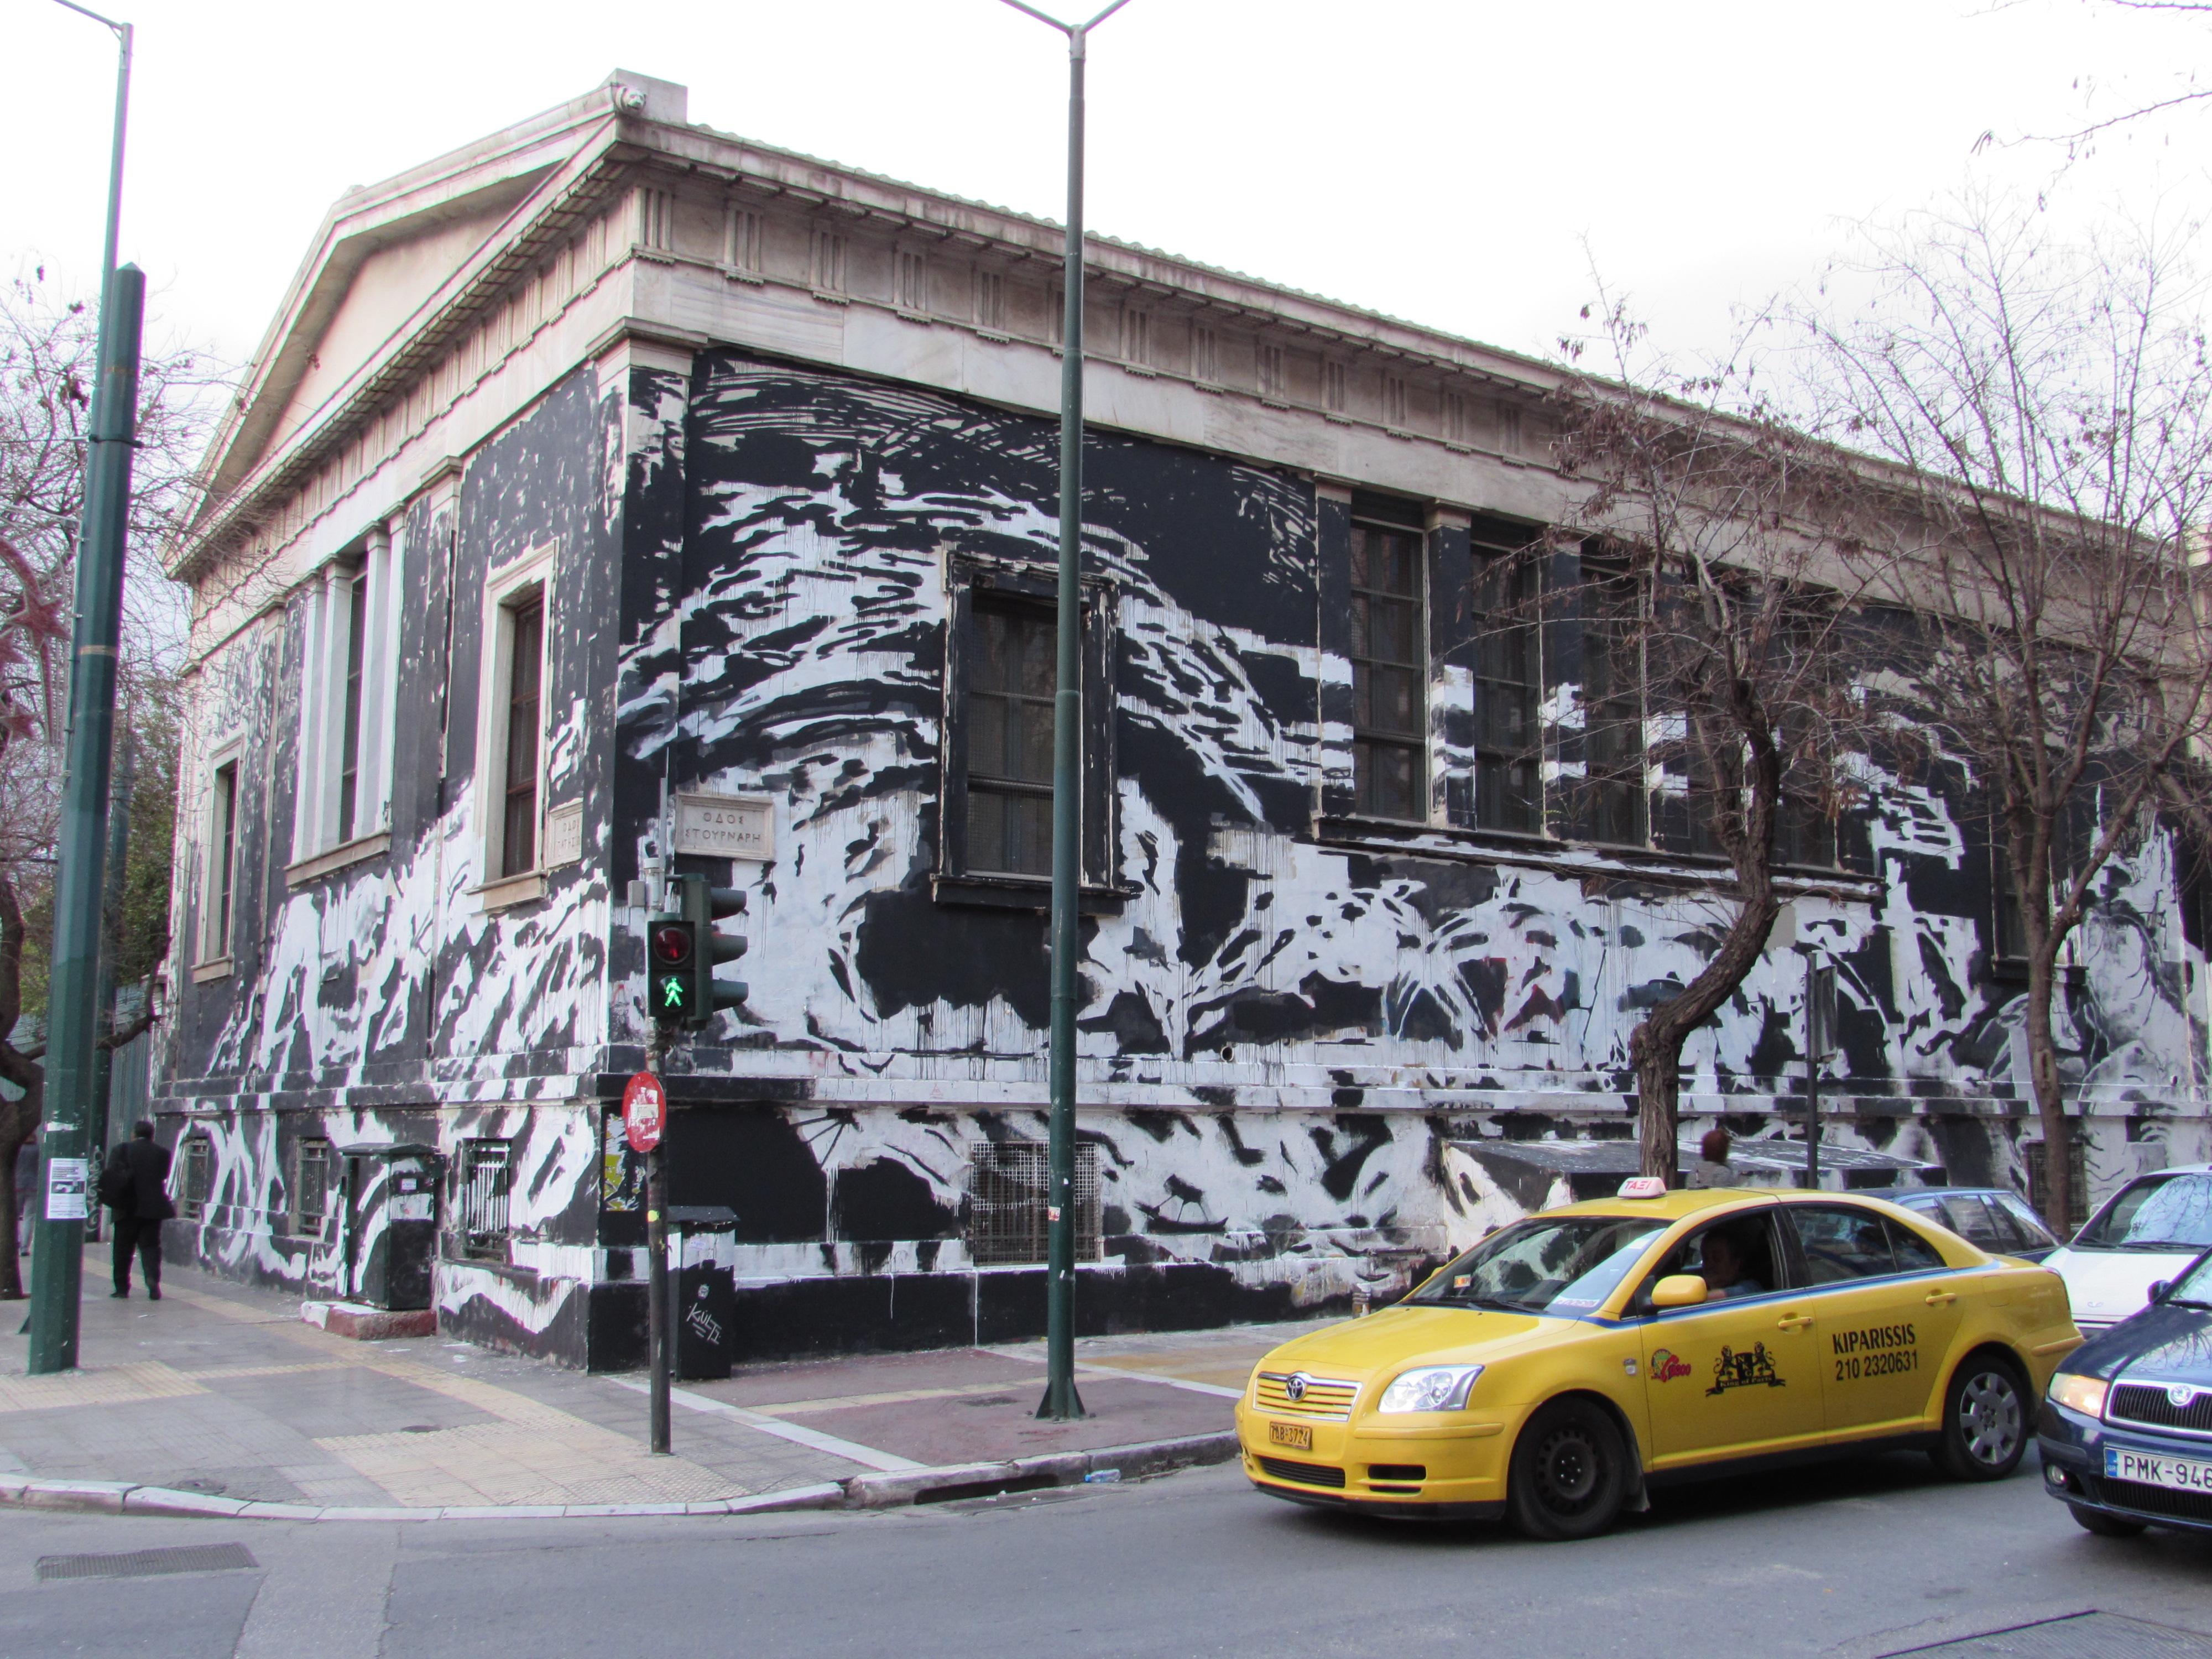 Athens Polytechnic Graffiti Photo